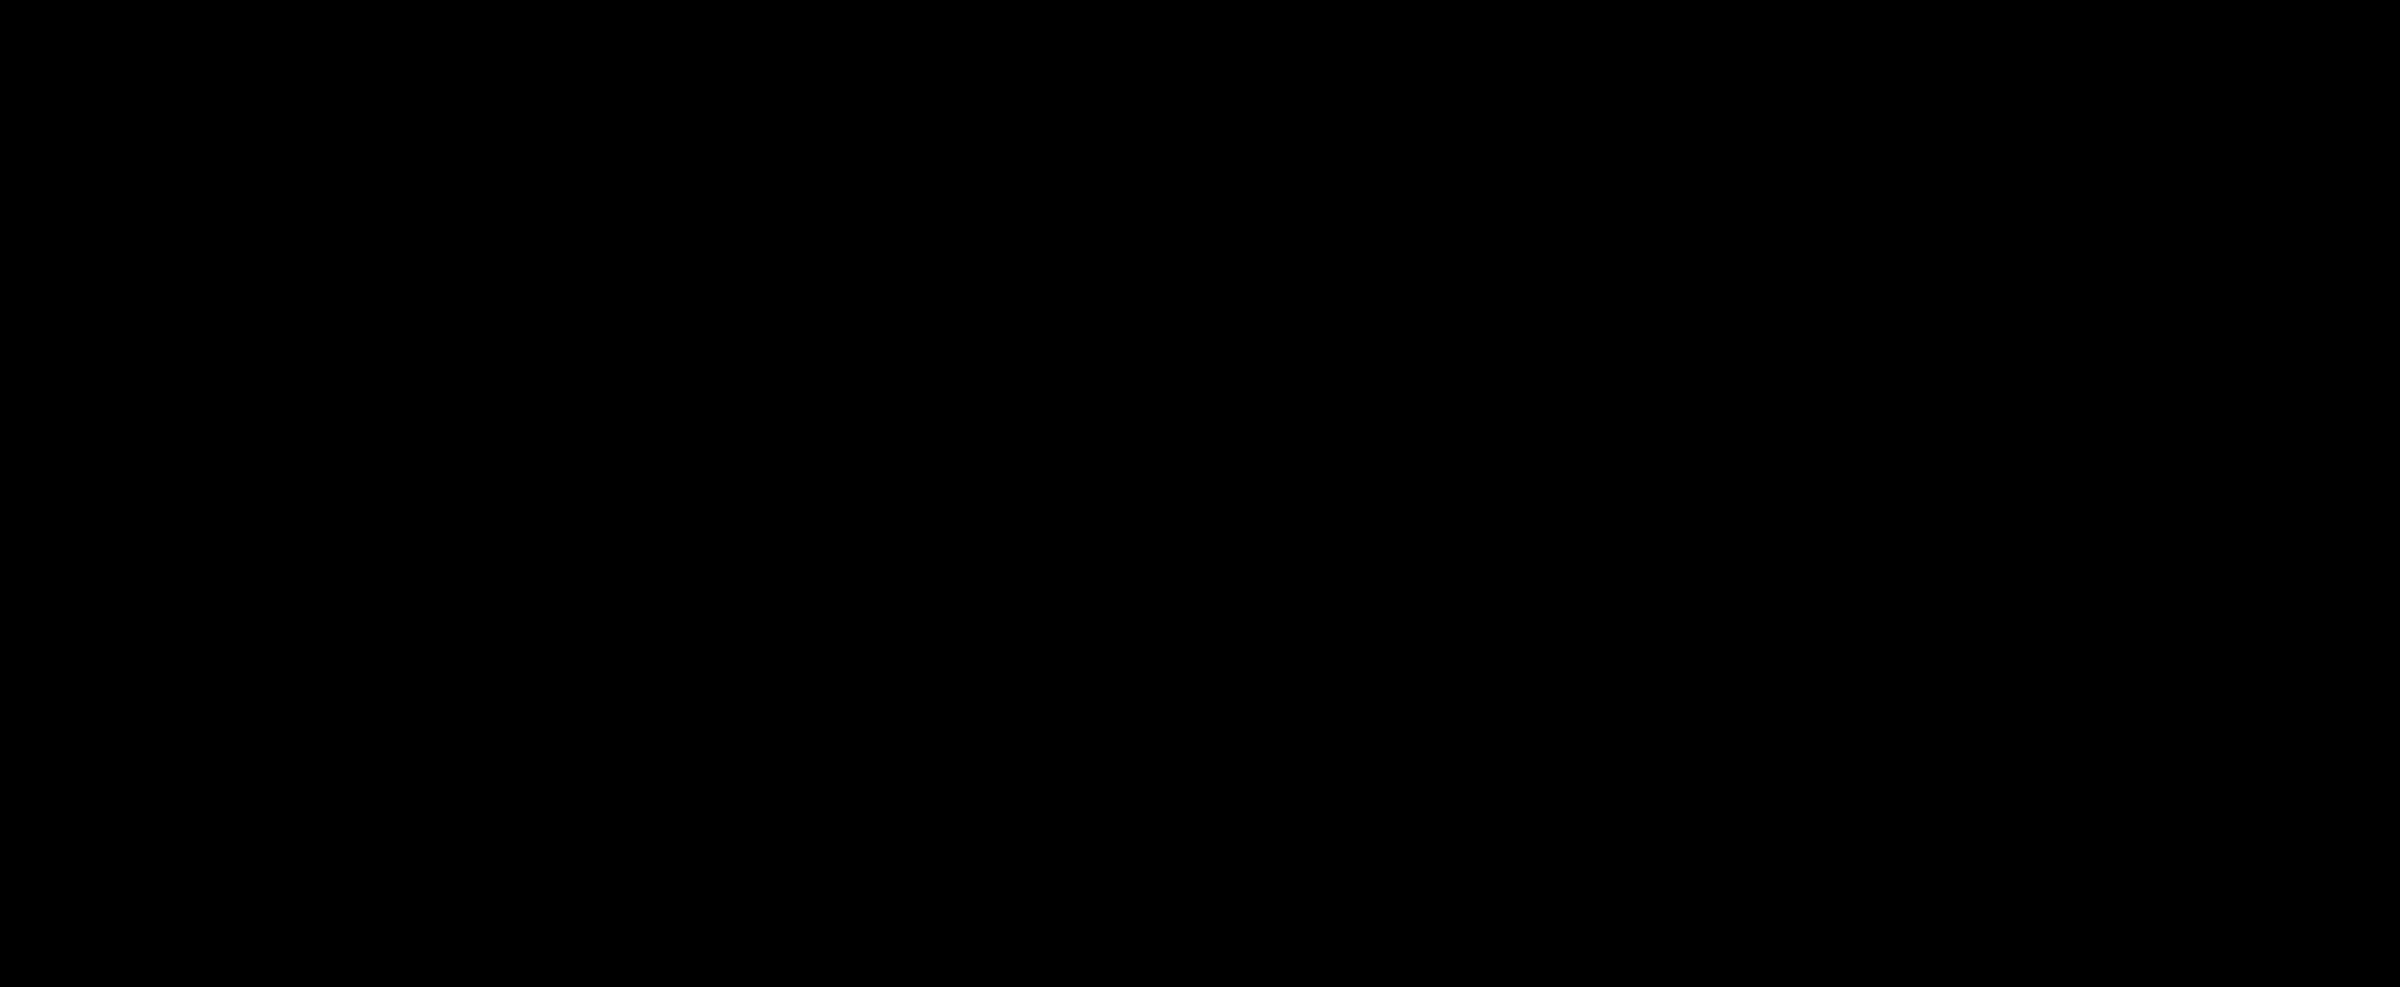 BIG IMAGE (PNG) - PNG Slug